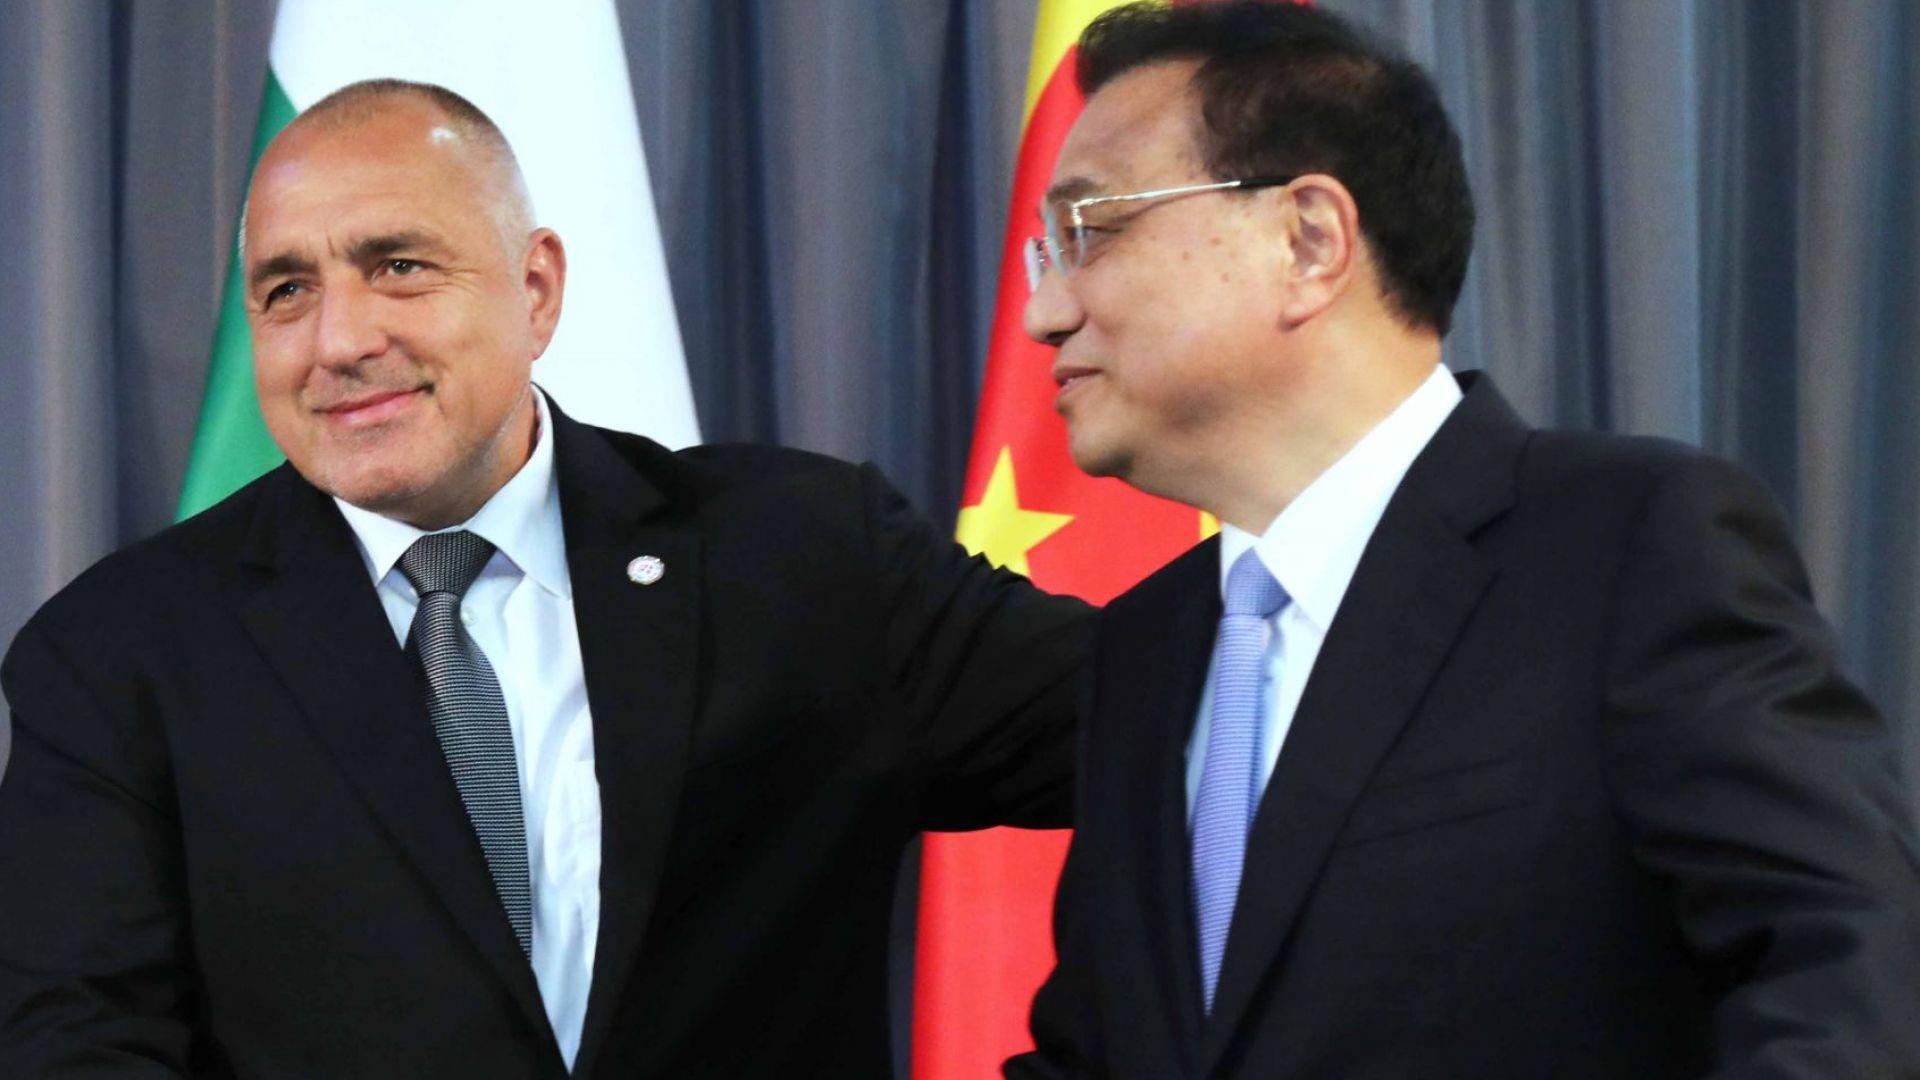 """Борисов преговаря с Китай за АЕЦ """"Белене"""", било много изгодно за тях"""